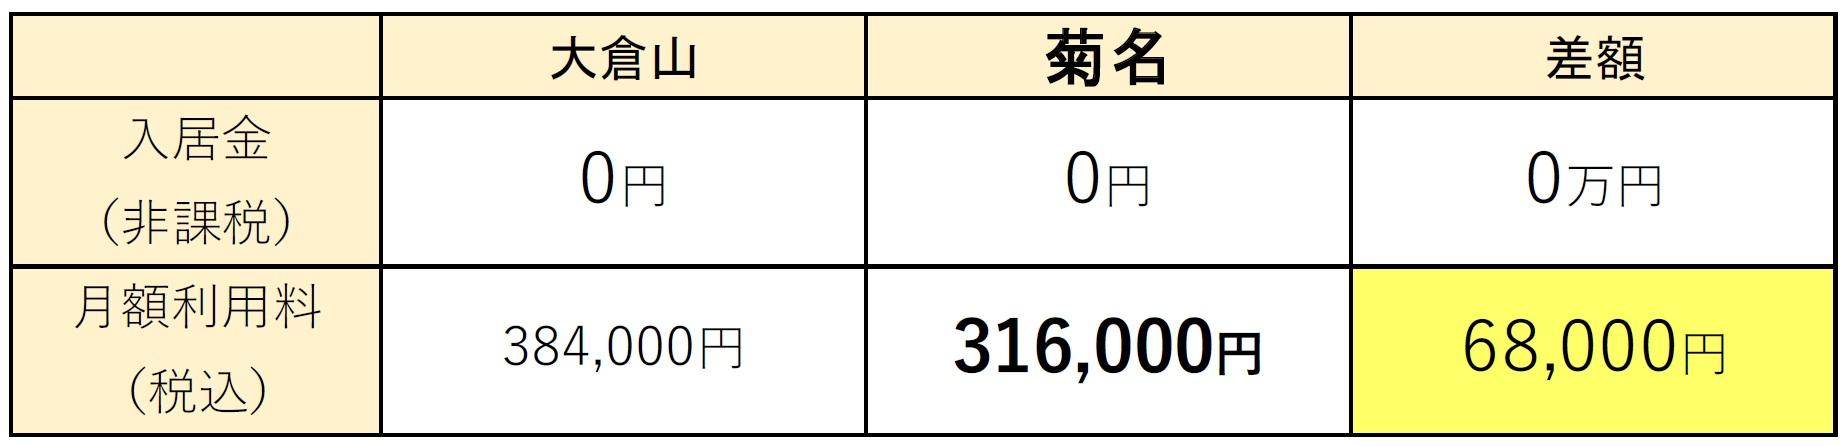 ニチイホーム菊名 キャンペーンイメージ 3